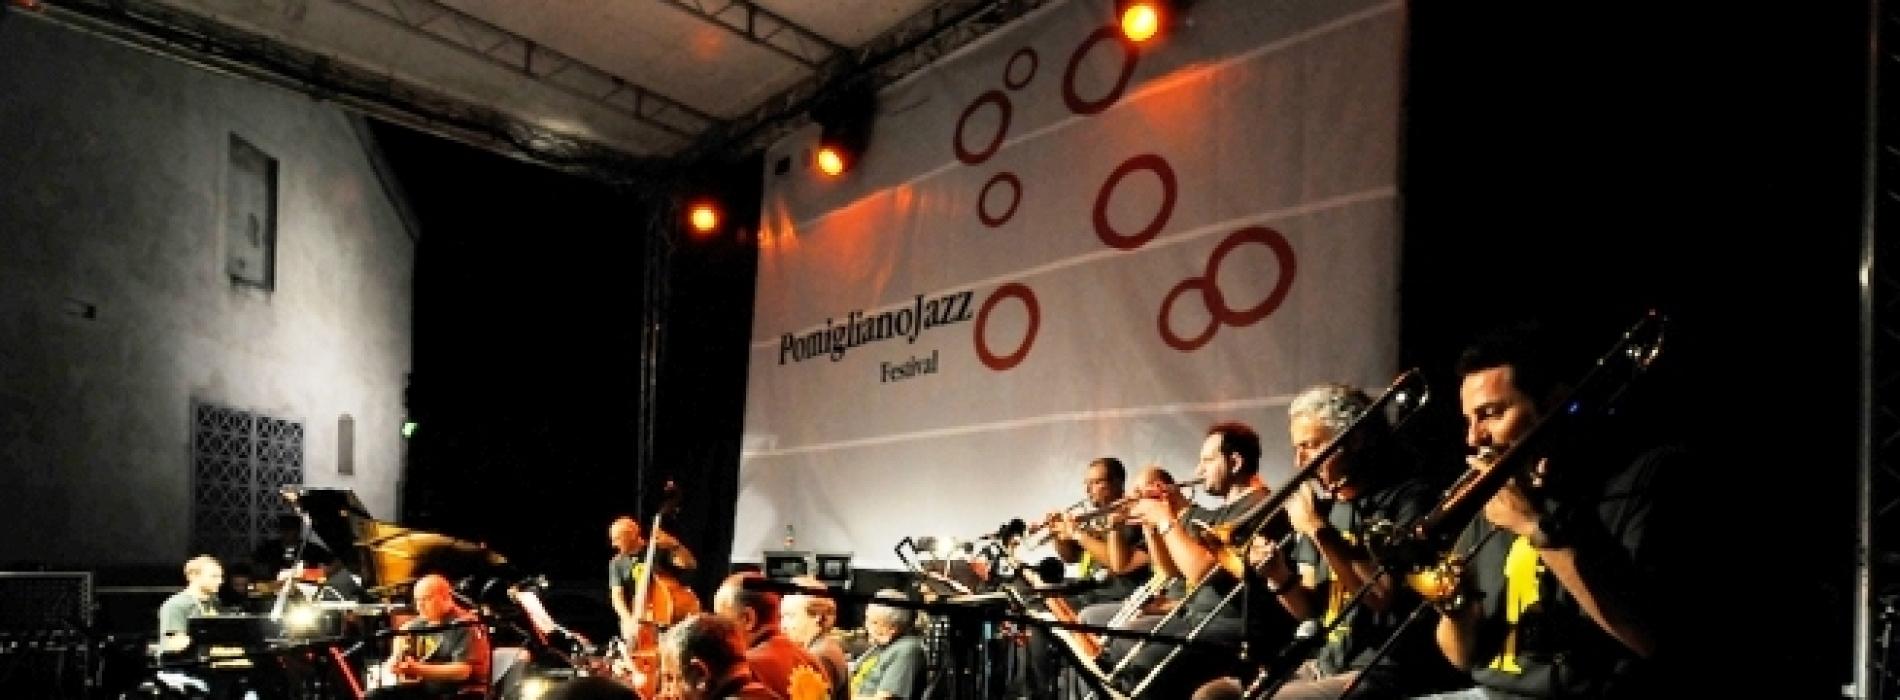 Pomigliano Jazz, al via la rassegna firmata da Onofrio Piccolo